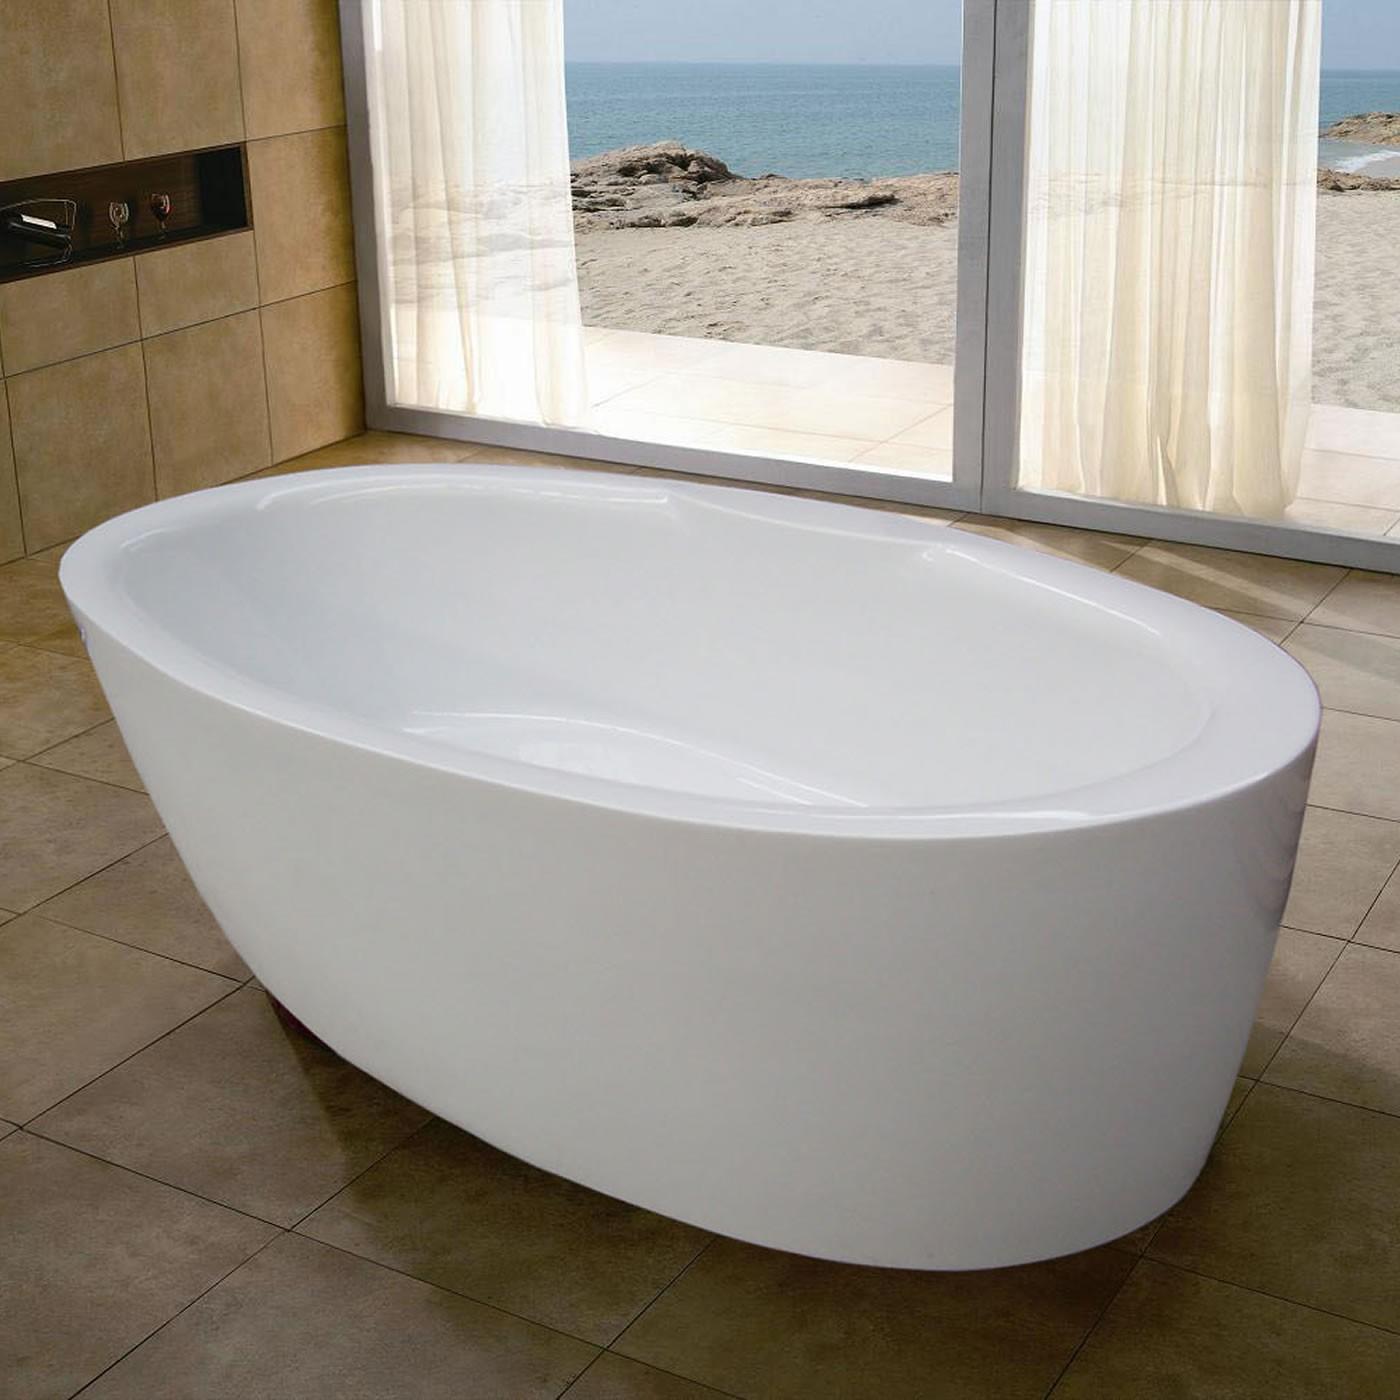 Какая акриловая ванна лучше: комбинированная, из литьевого или экструзионого акрила?